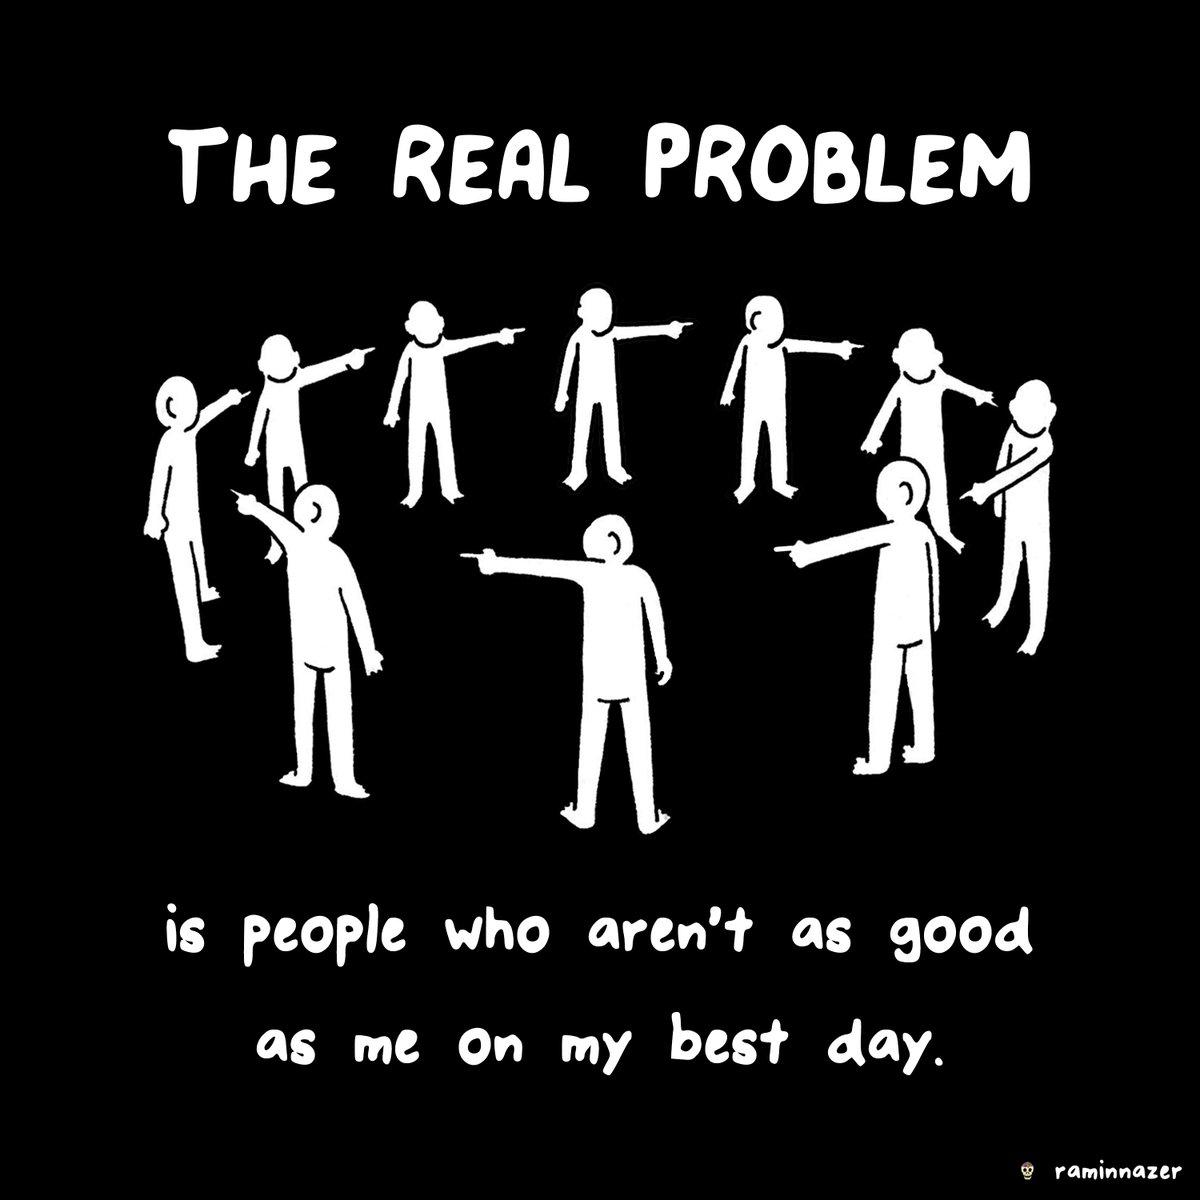 REALPROBLEM (raminnazer.com)